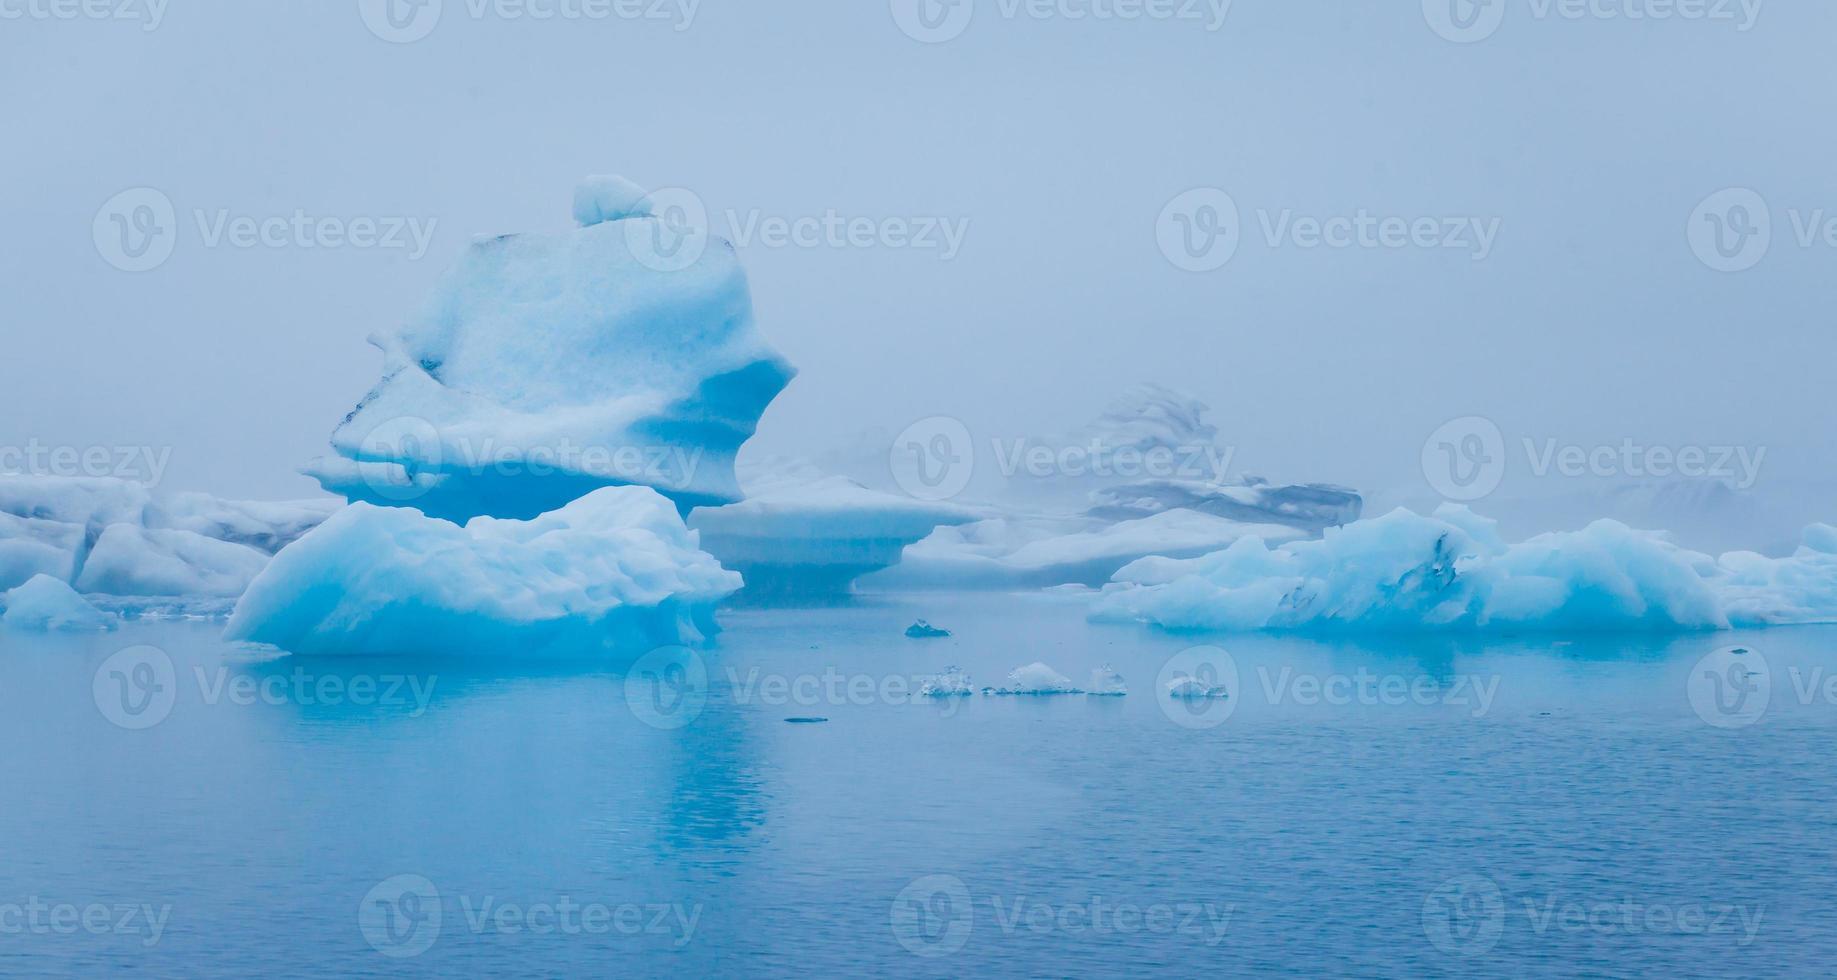 bella immagine vibrante del ghiacciaio islandese e della laguna glaciale foto